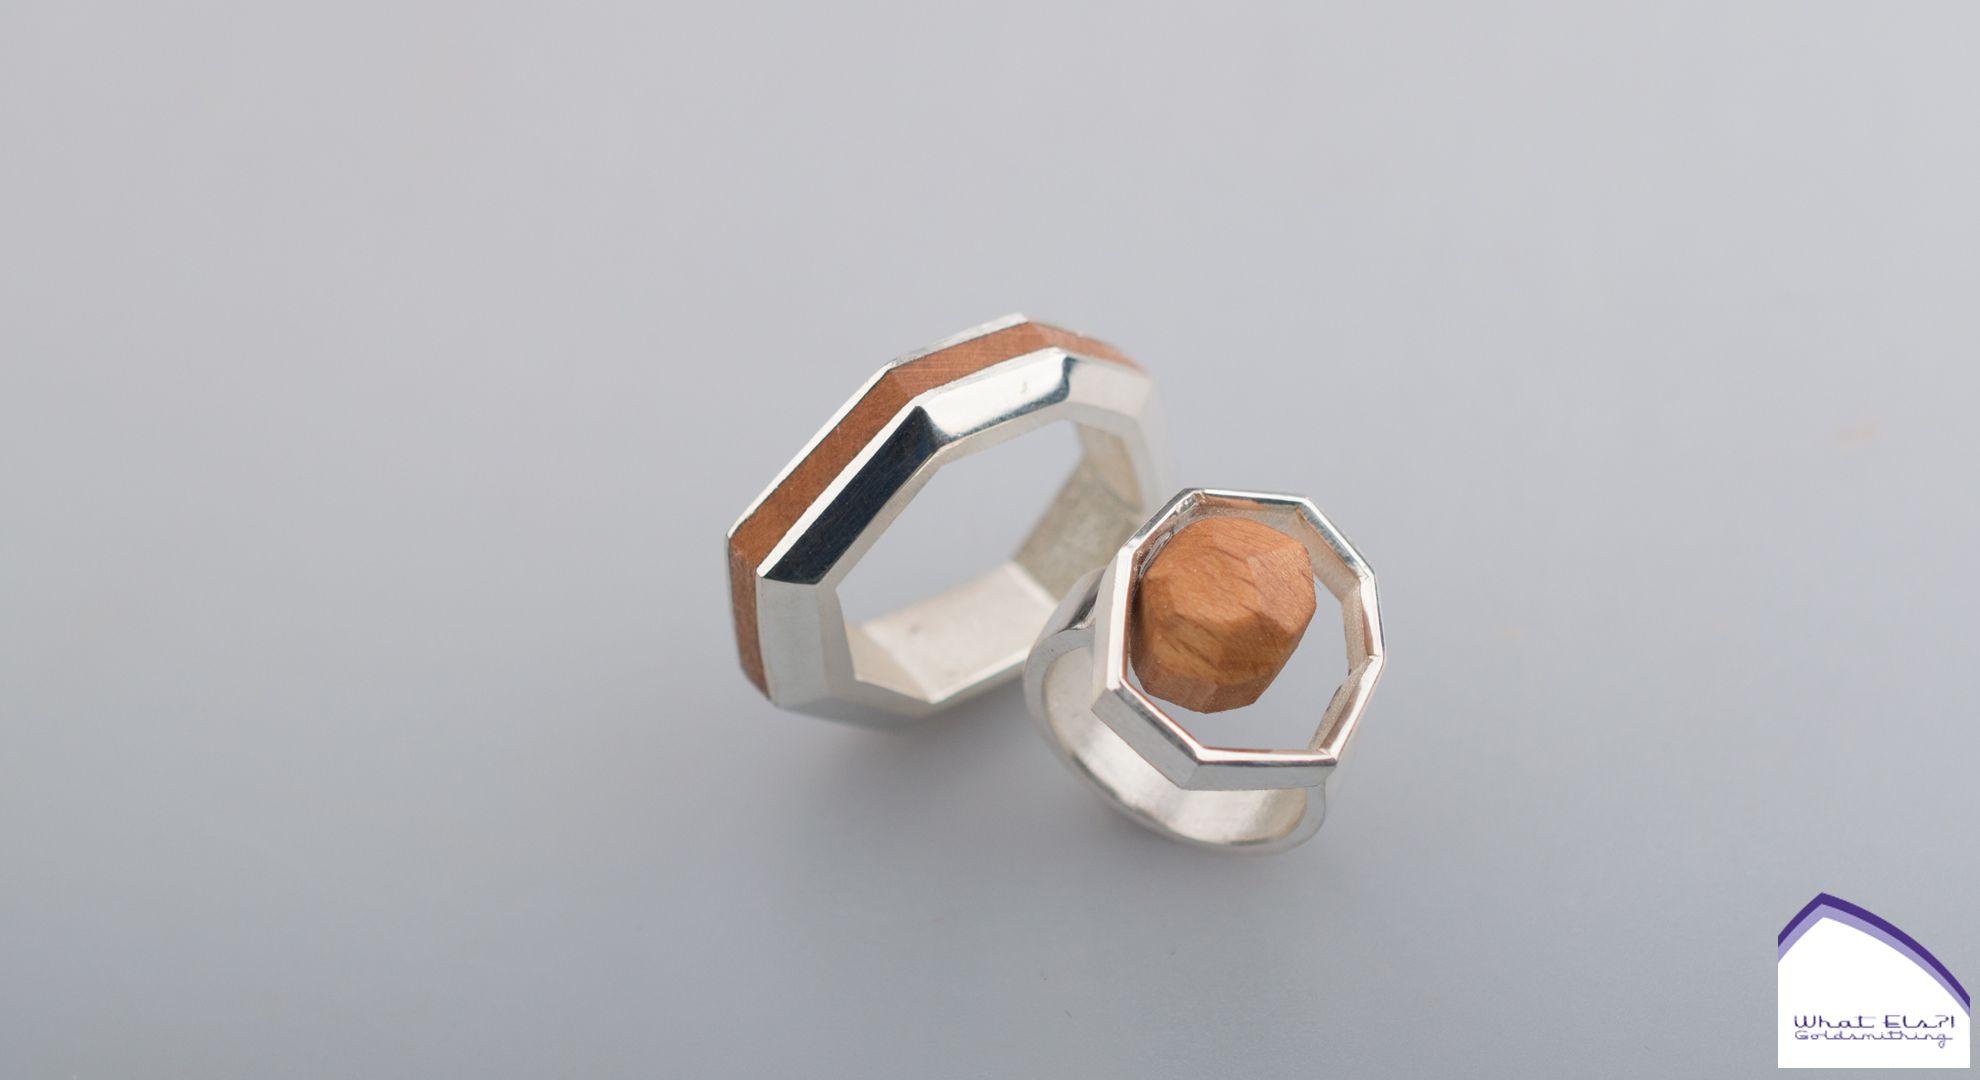 Zilveren ring met hout, het kan allemaal.